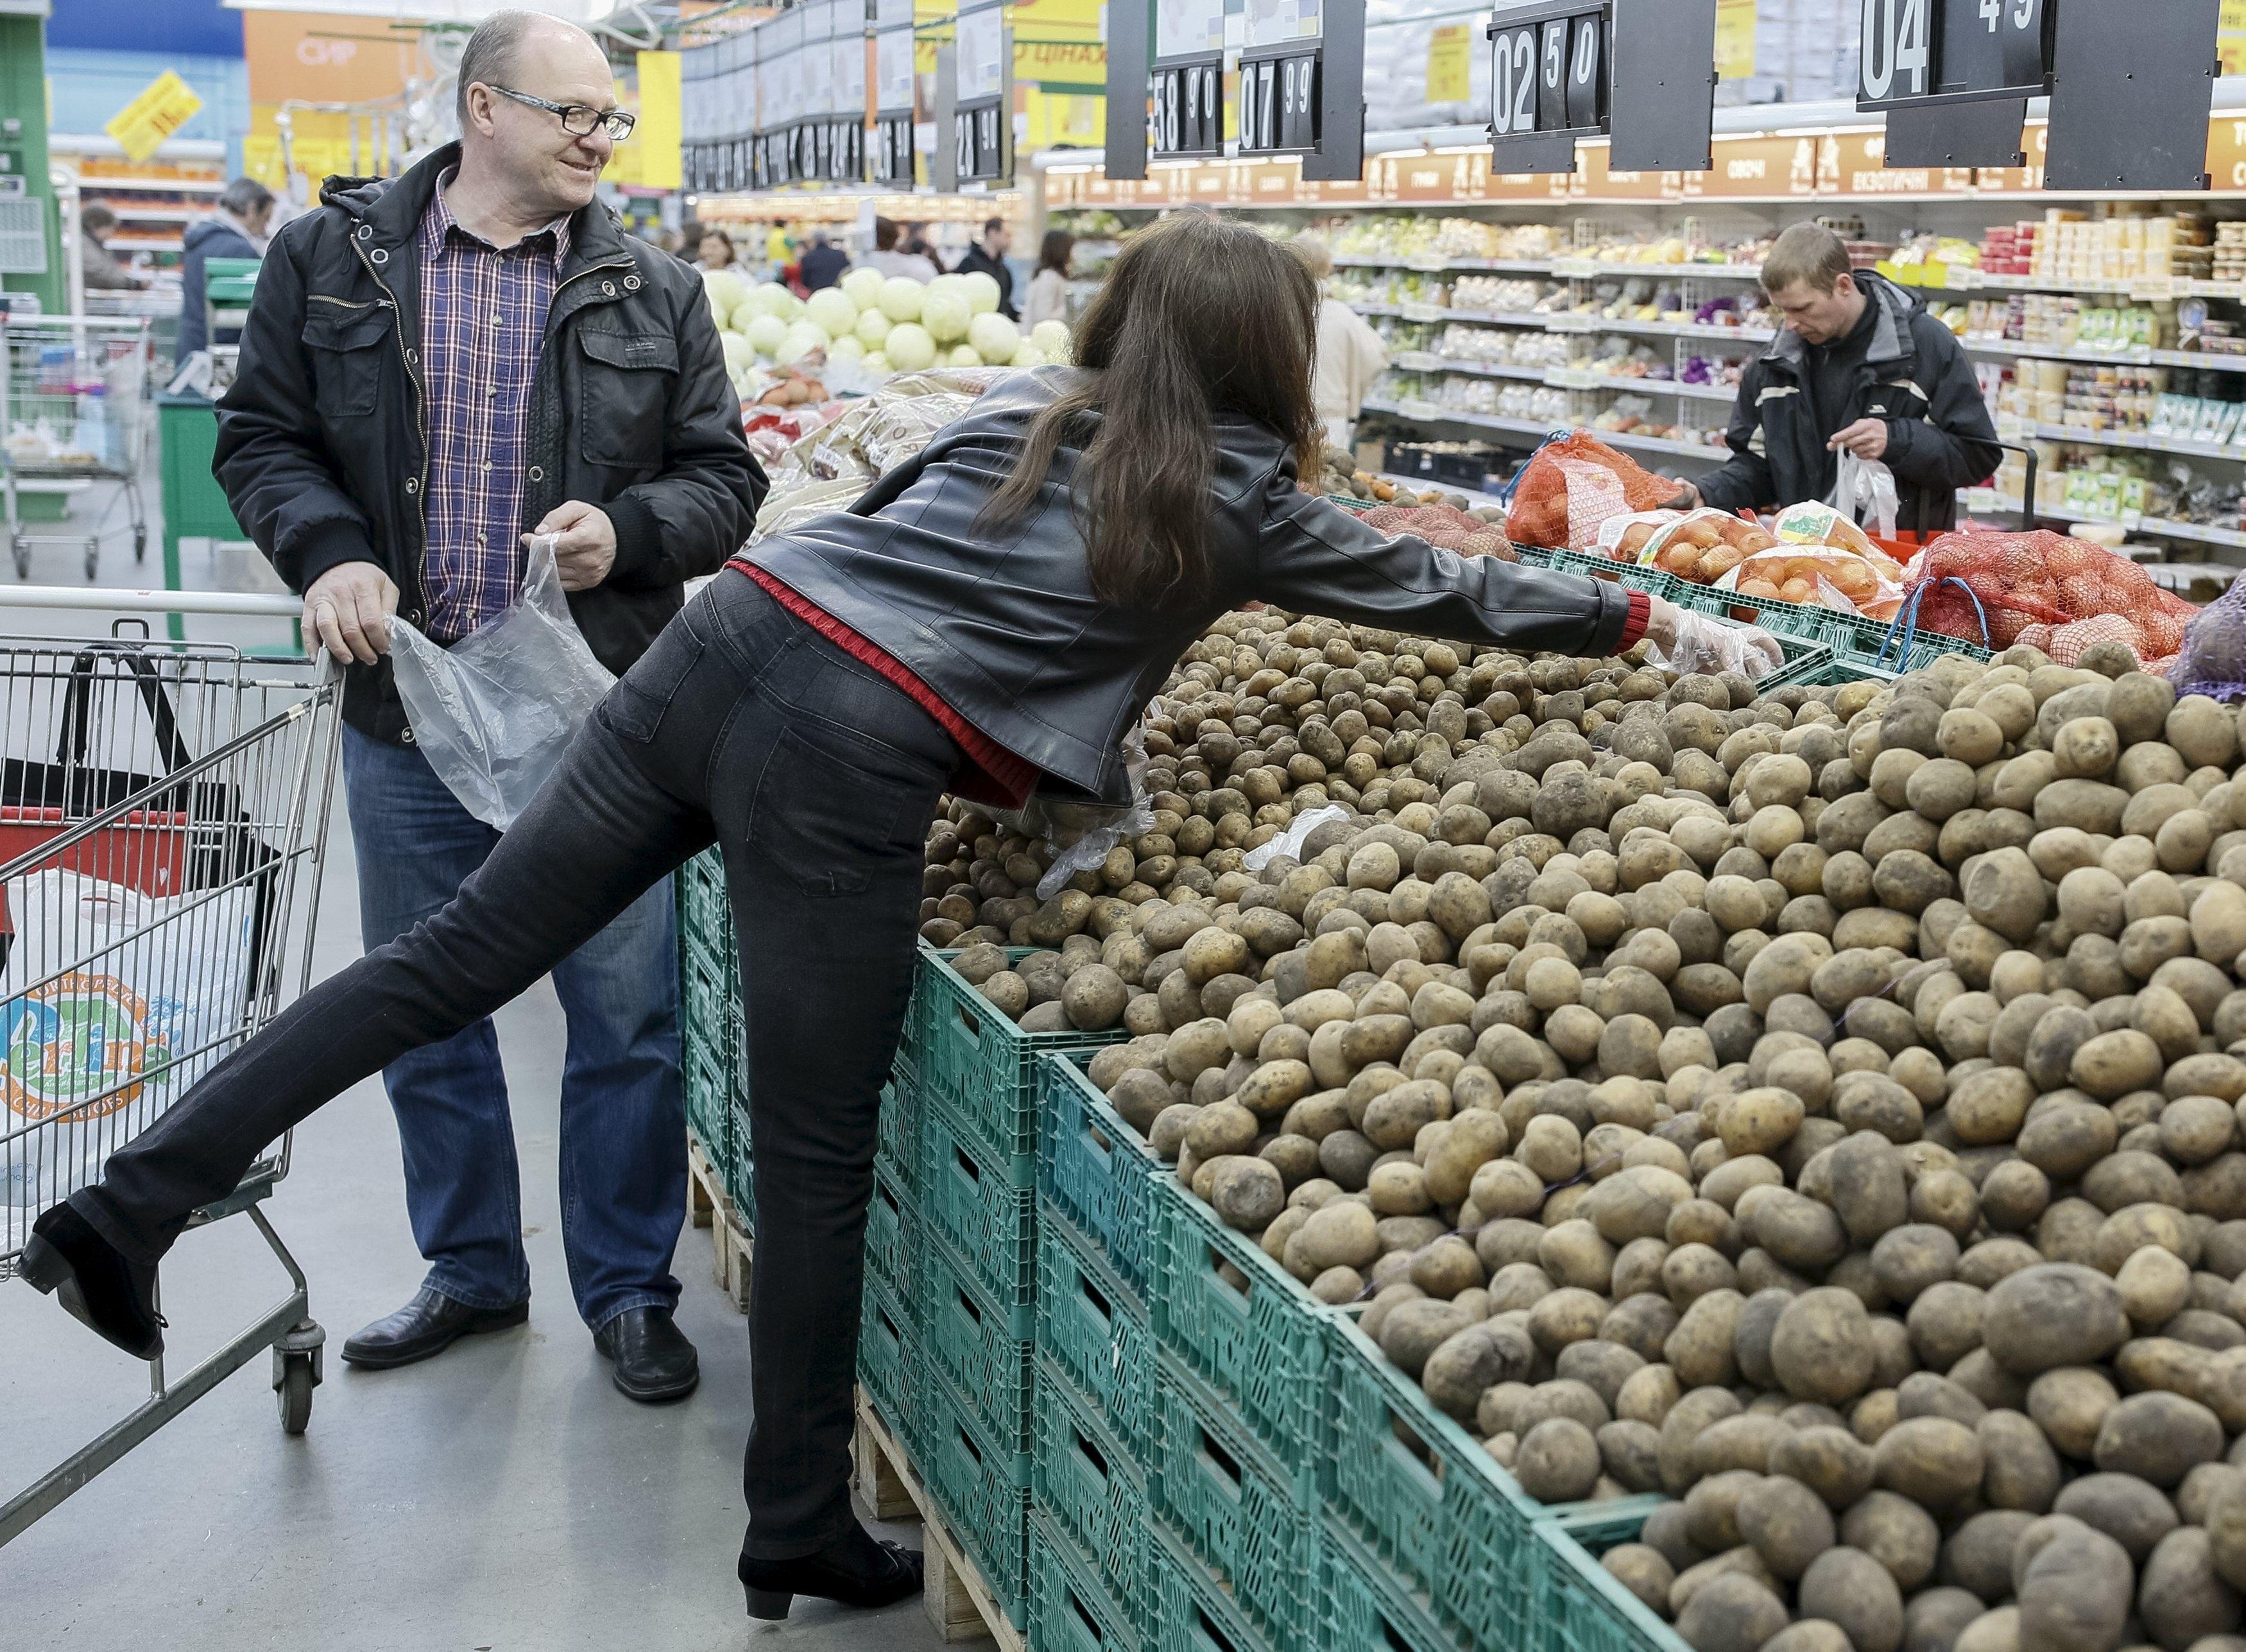 В 2019 году Украина вошла в топ-3 производителей картофеля в мире / фото REUTERS